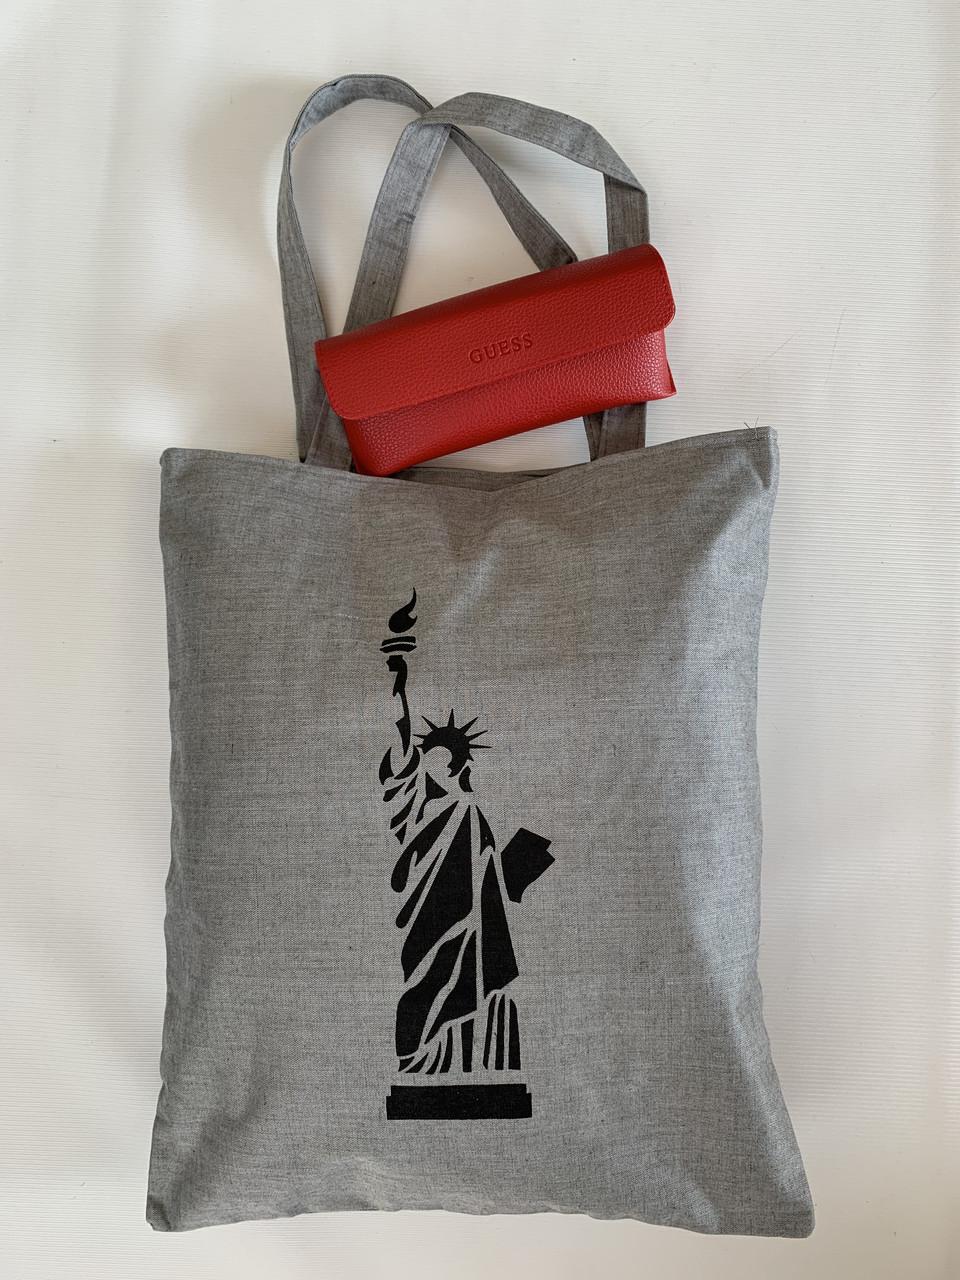 Универсальная серая эко сумка из хлопковой ткани с принтом Статуи Свободы